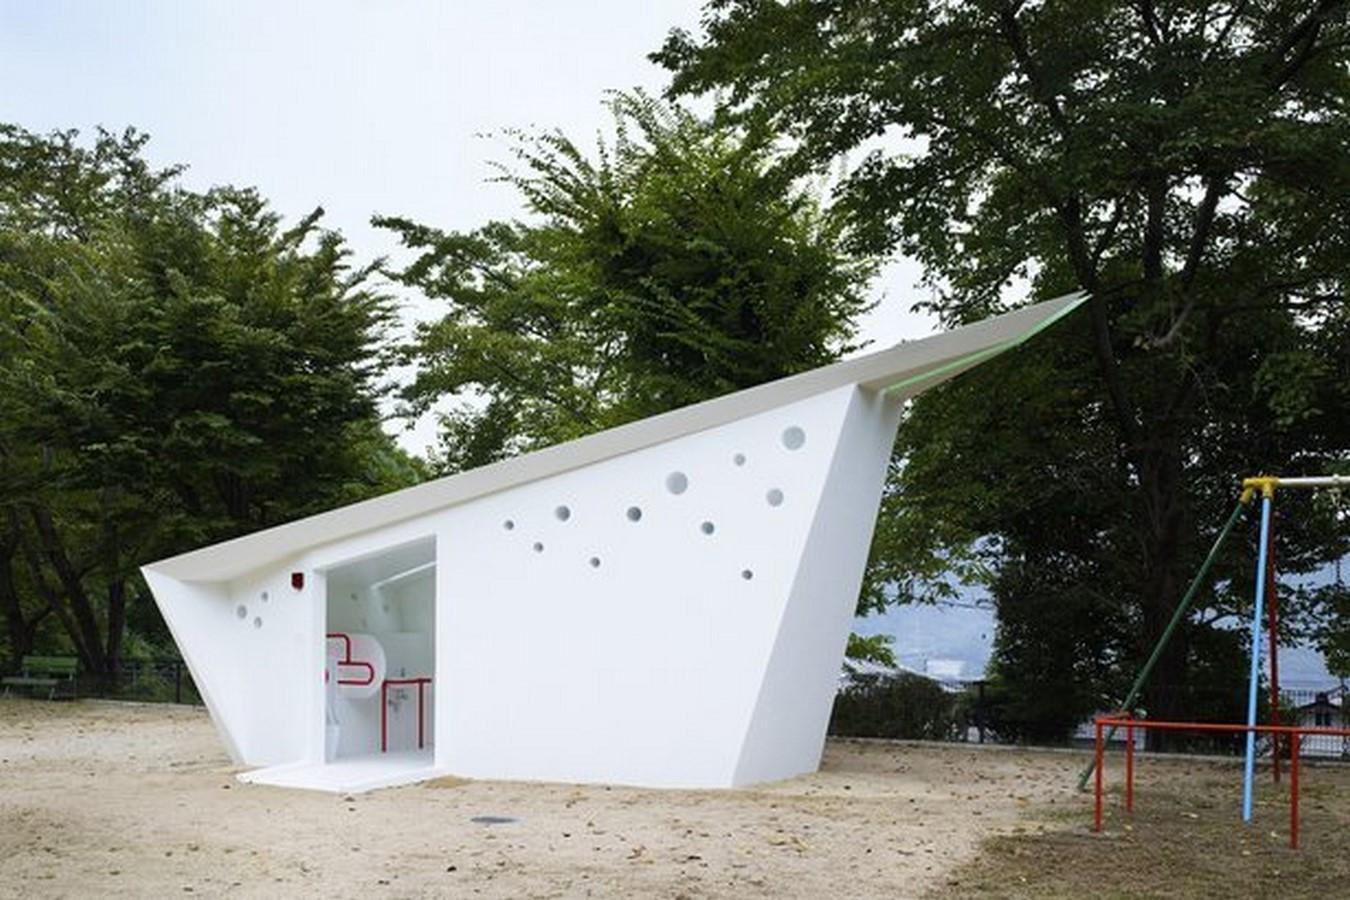 Origami shaped toilets at Hiroshima Park, Japan